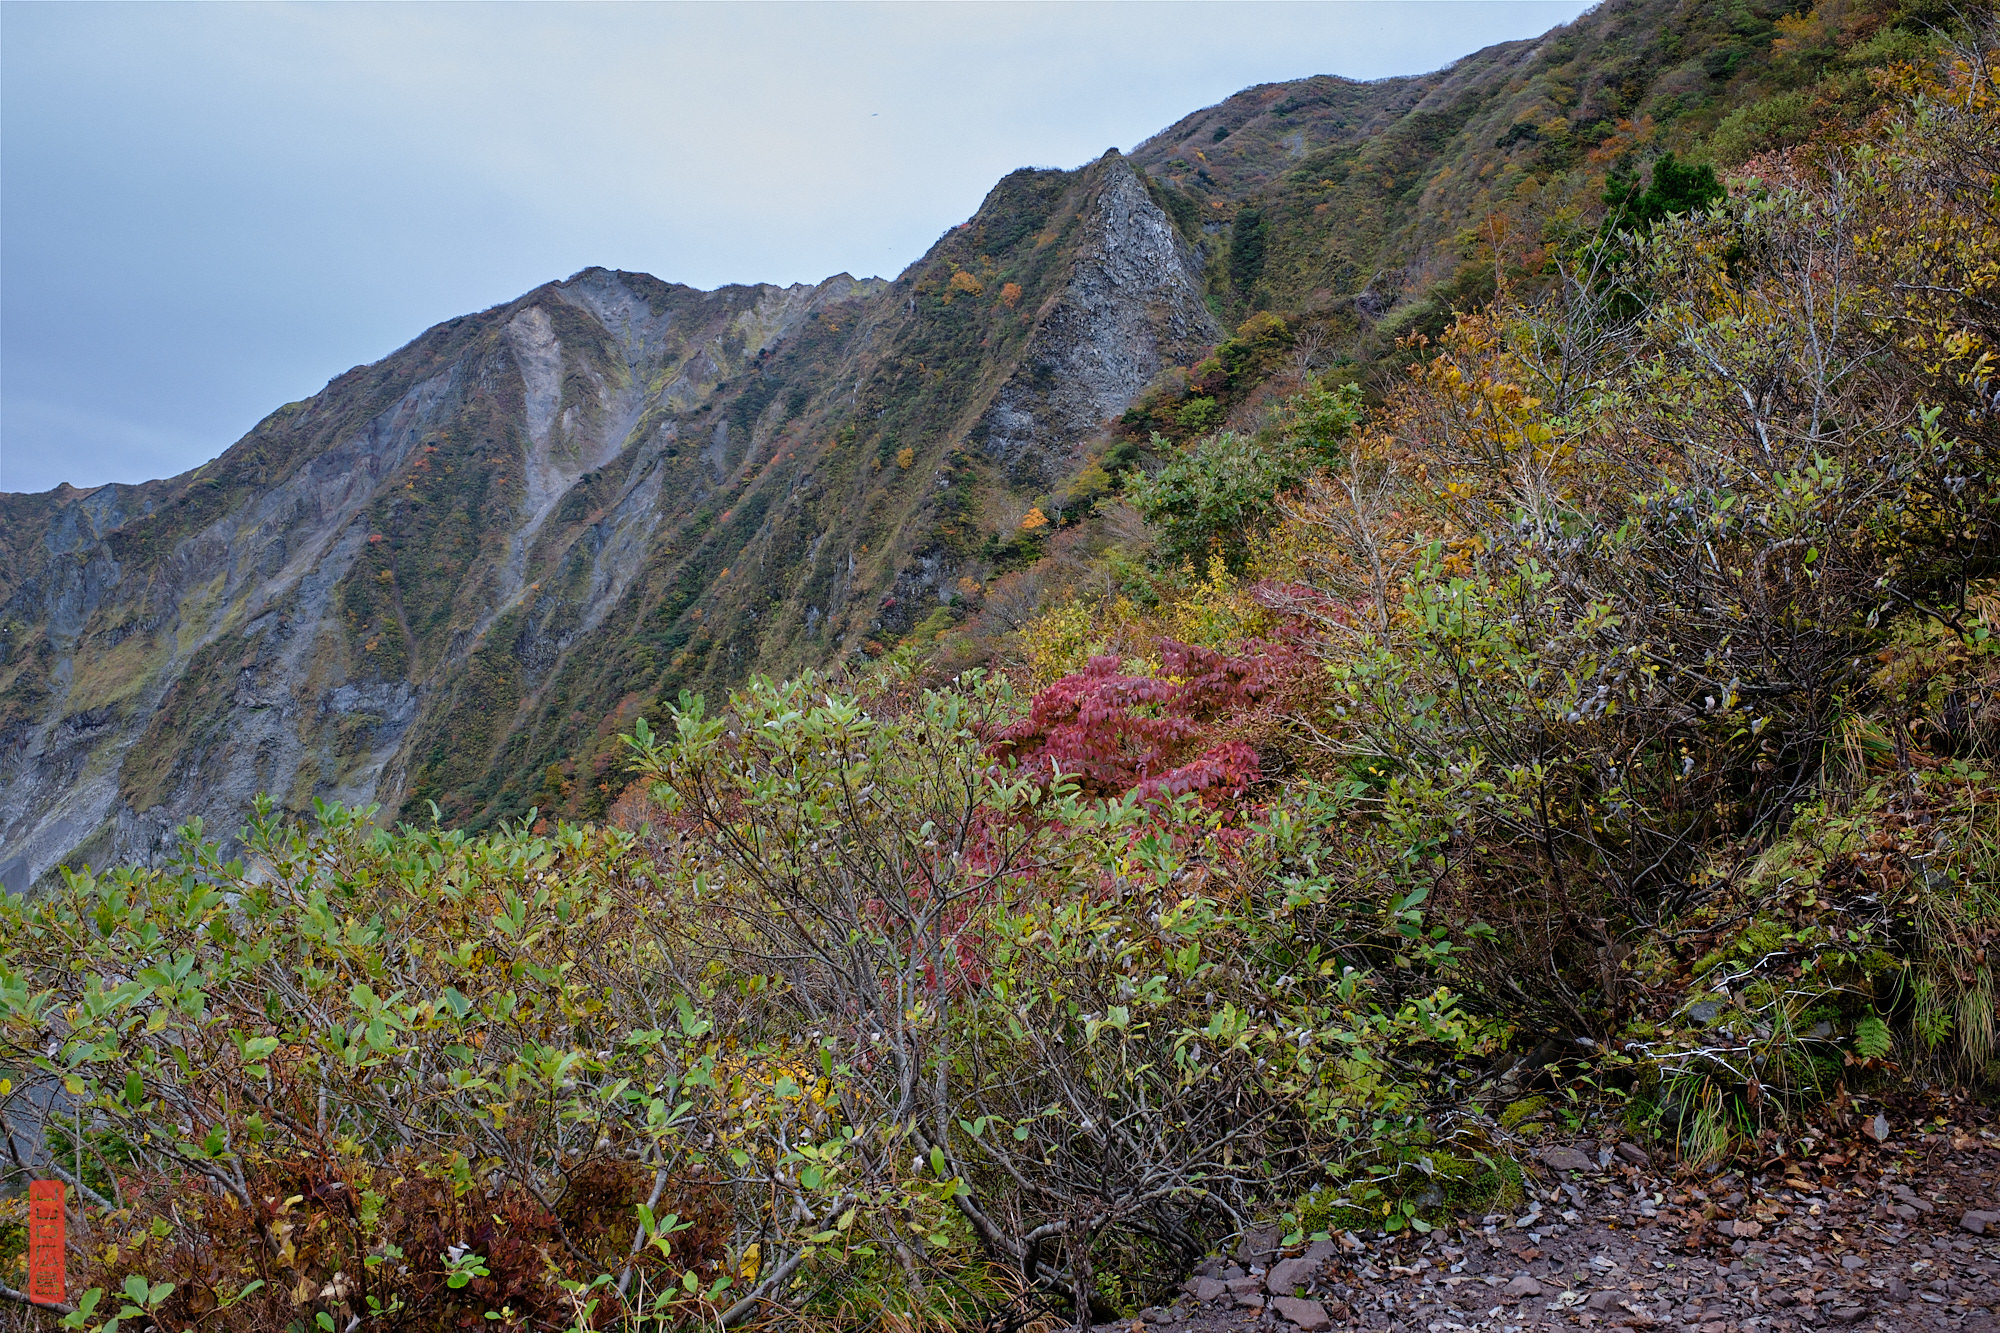 les flancs du mont Daisen